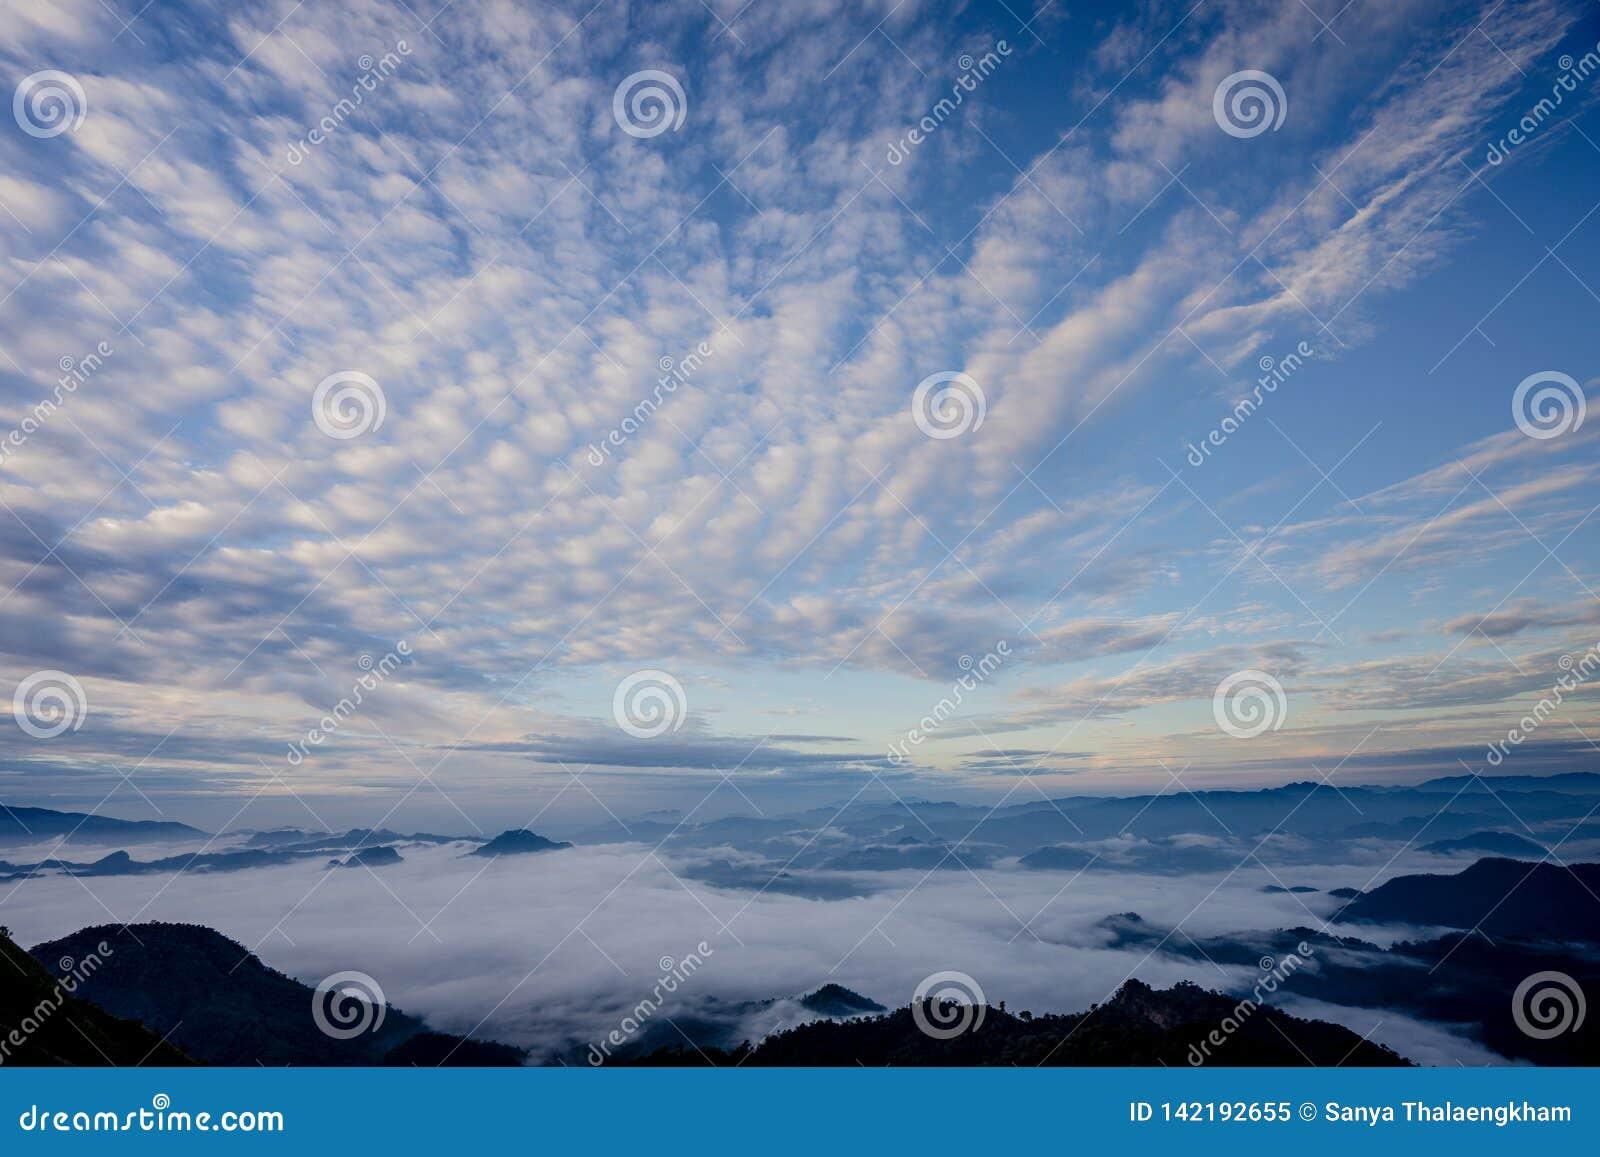 雾海与森林和山谷的,美丽在自然风景,土井图勒岛,来兴府,泰国